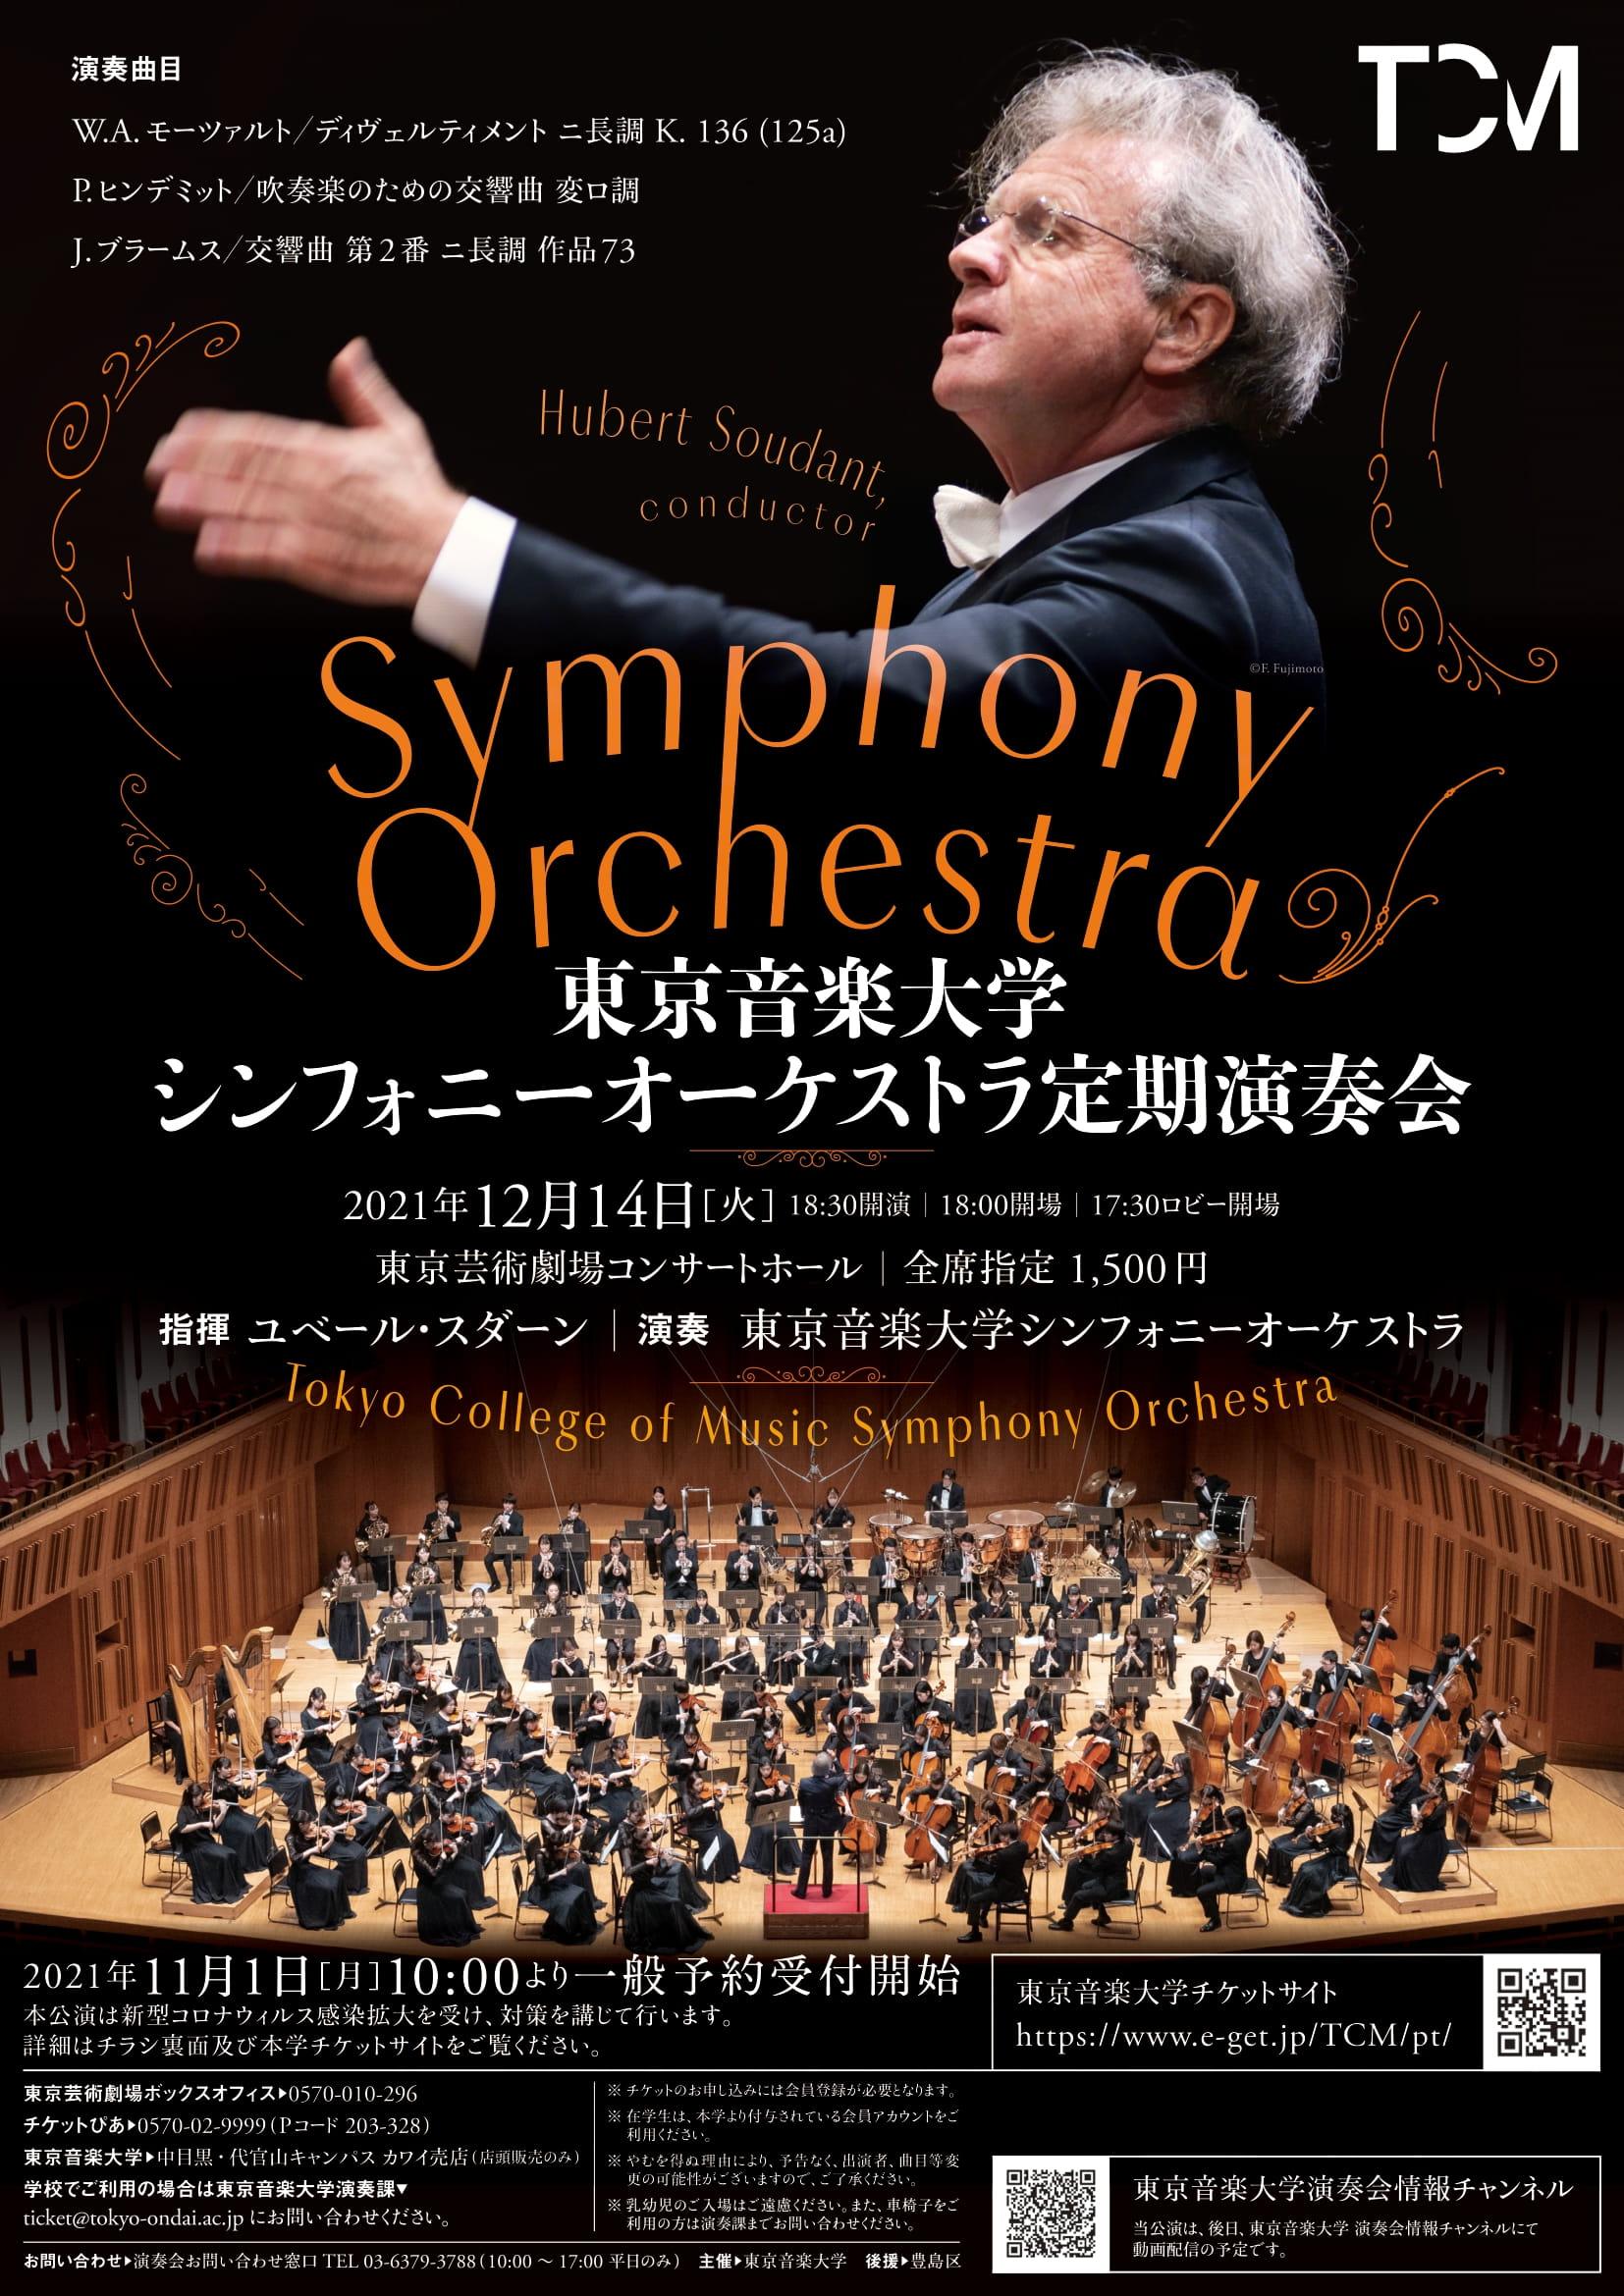 東京音楽大学シンフォニーオーケストラ定期演奏会